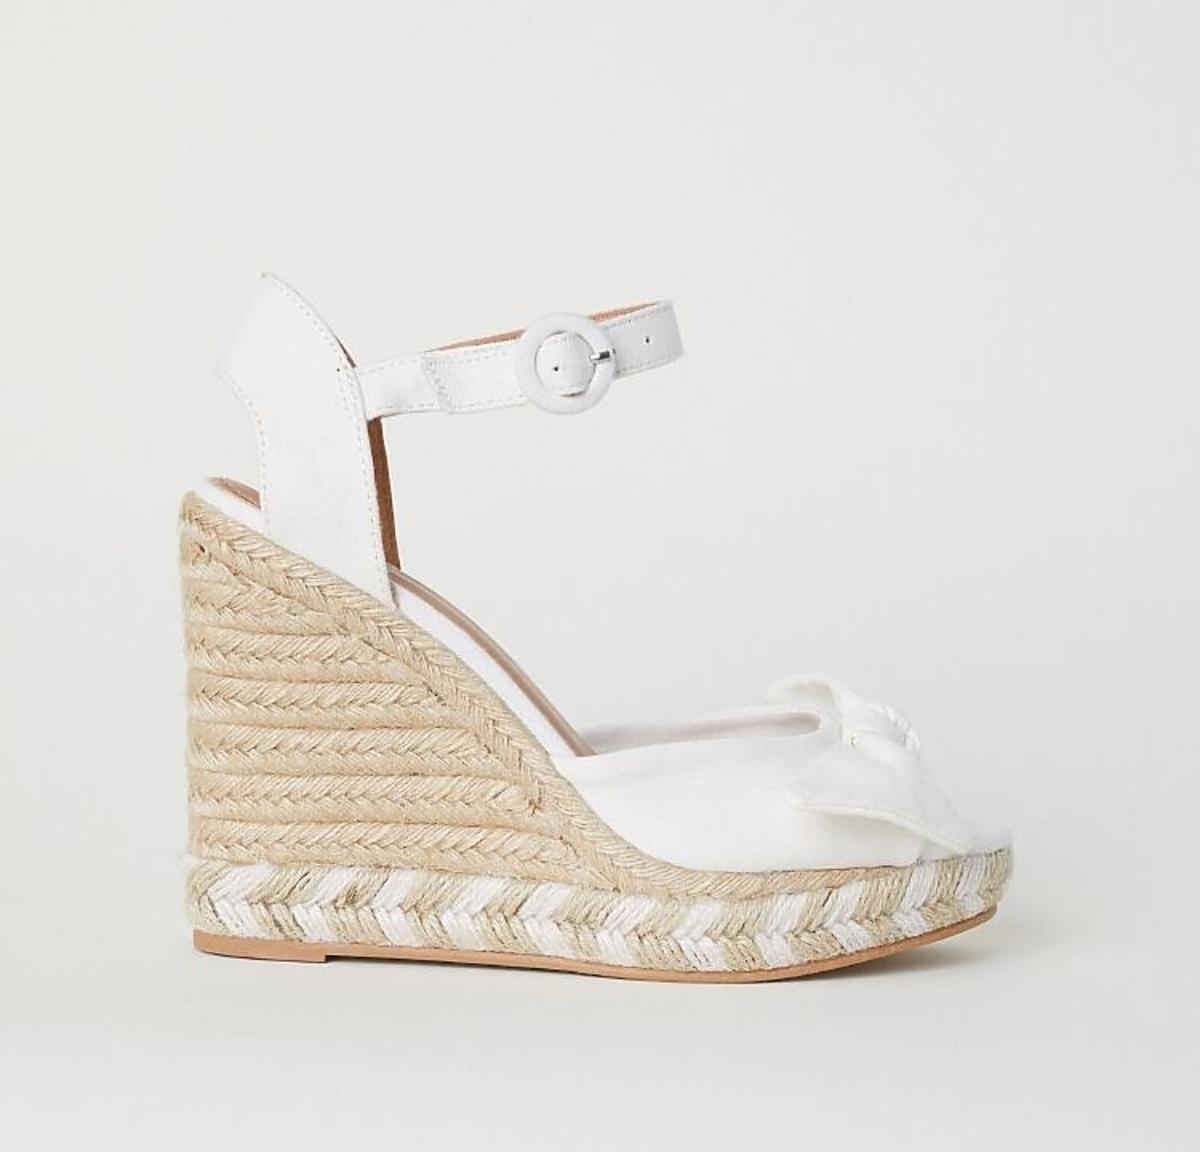 Białe koturny H&M wyprzedaż